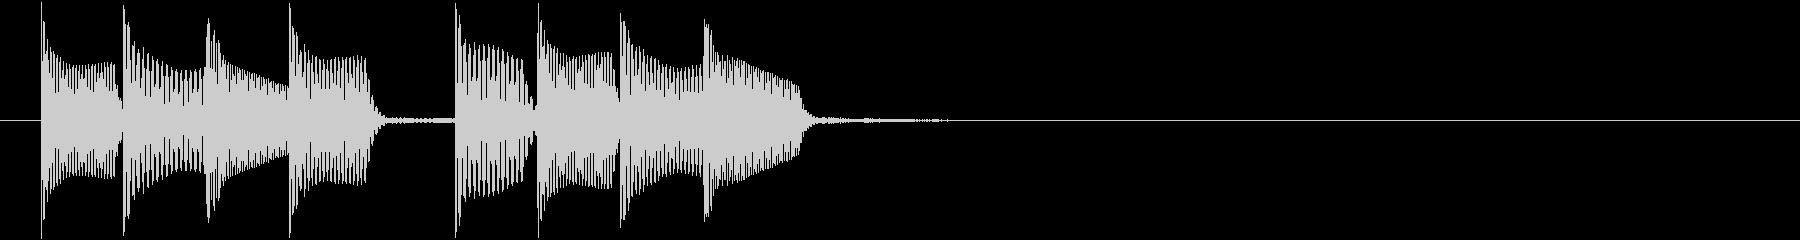 「着信」メッセージ/アラート_000の未再生の波形